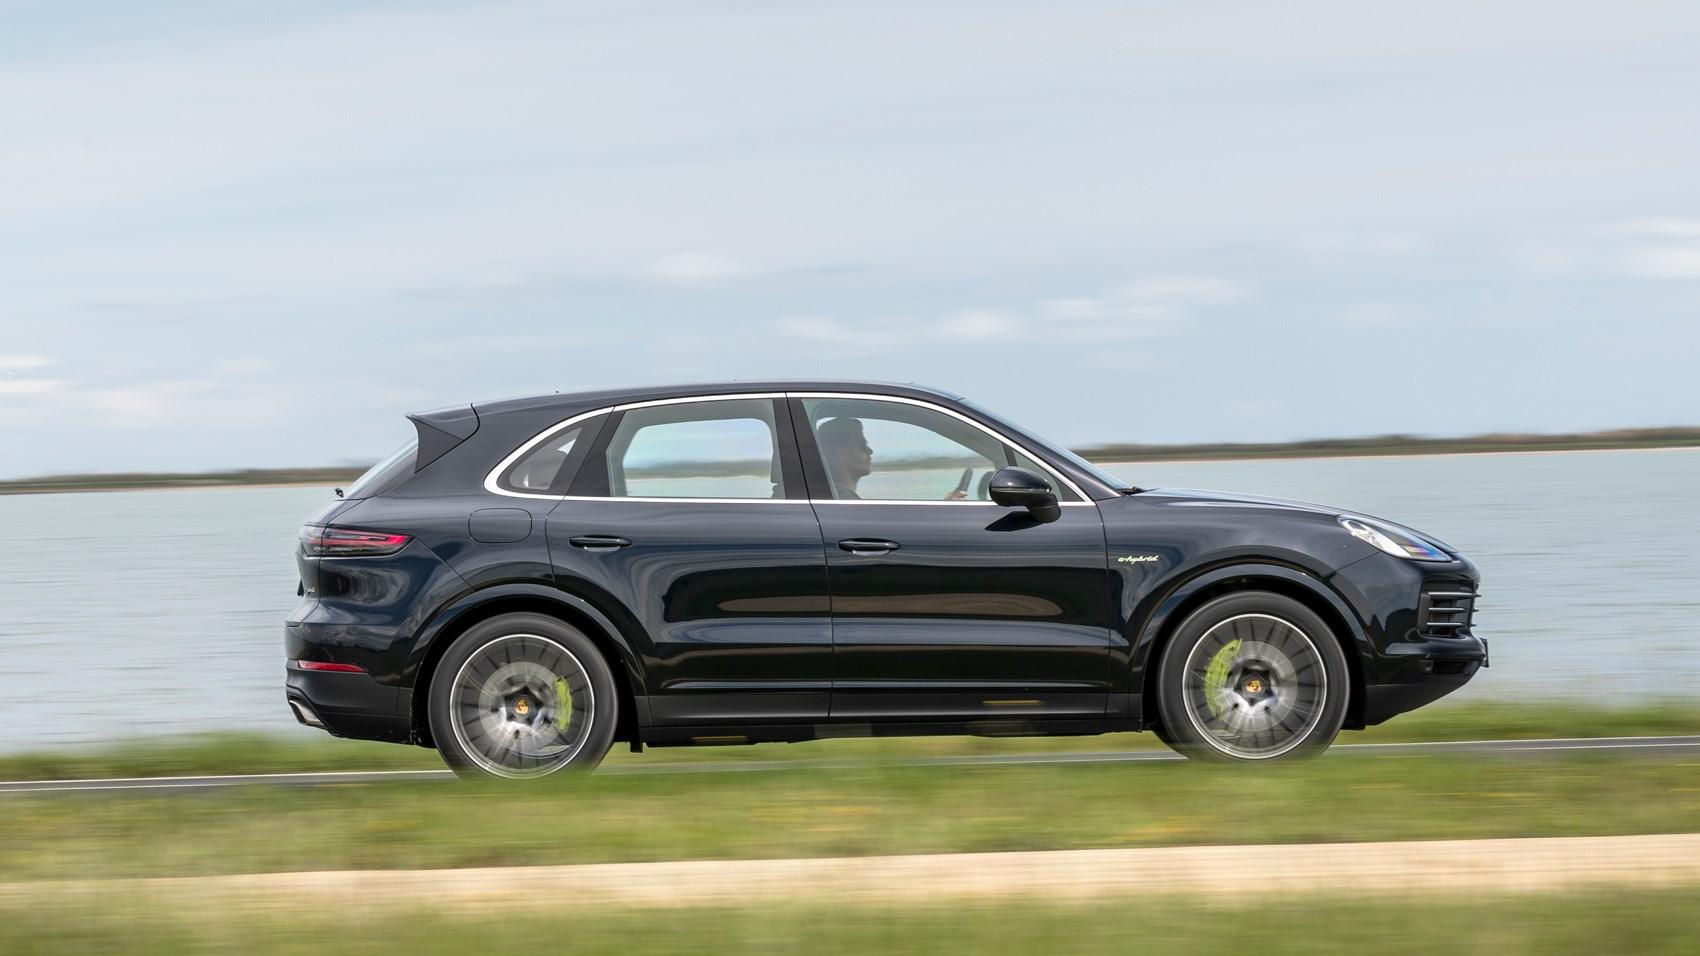 Porsche Cayenne e-Hybrid (2018) SUV review: SUV plugs in ...